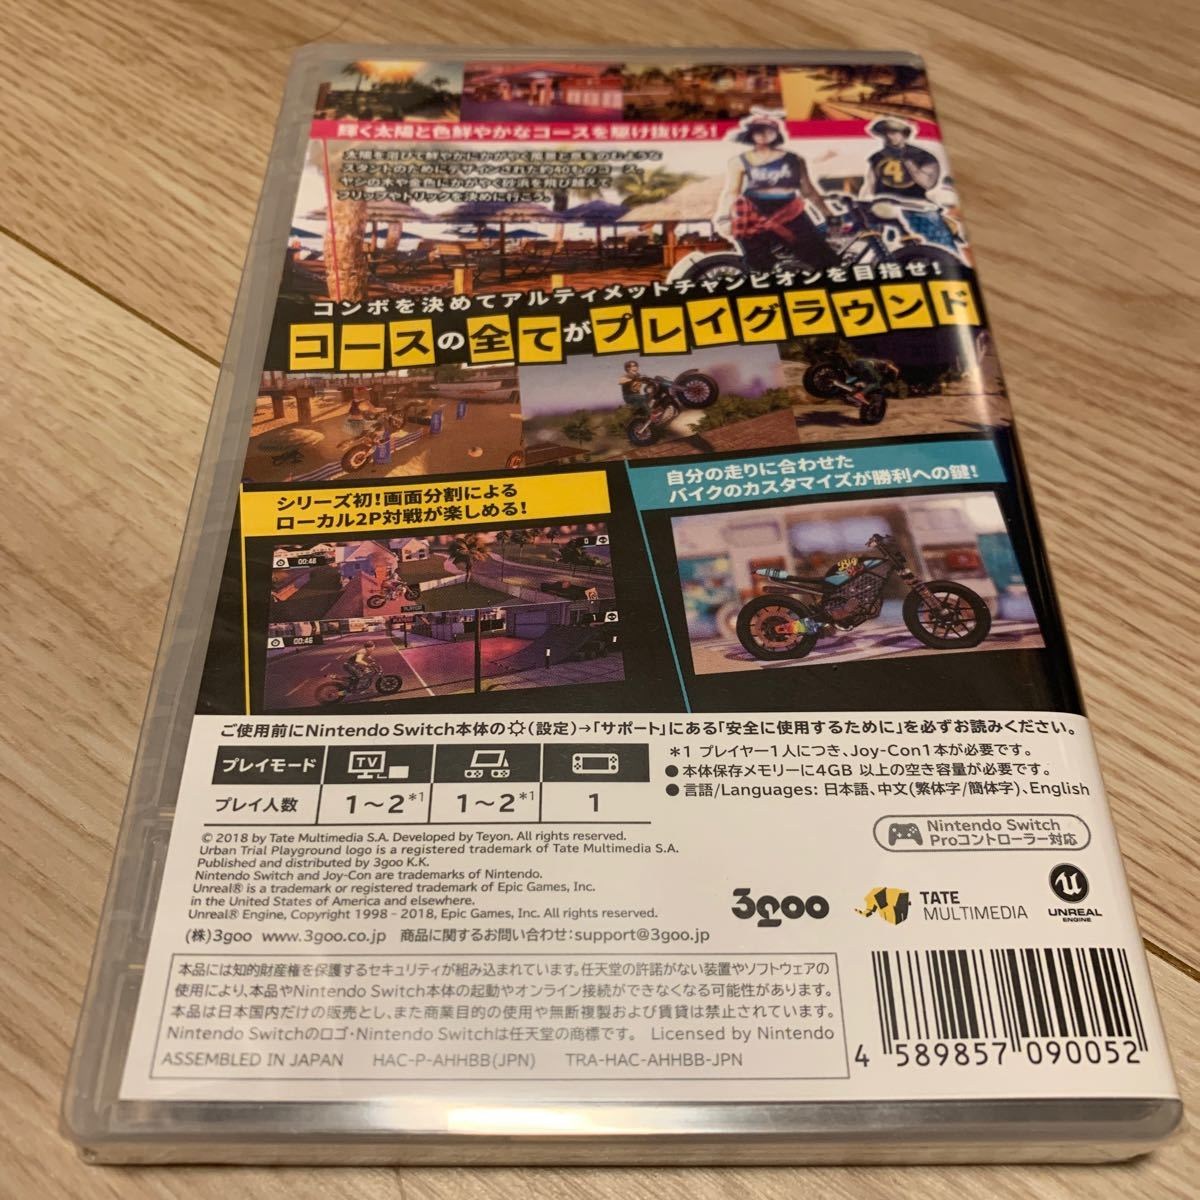 【Switch】 アーバントライアル プレイグラウンド